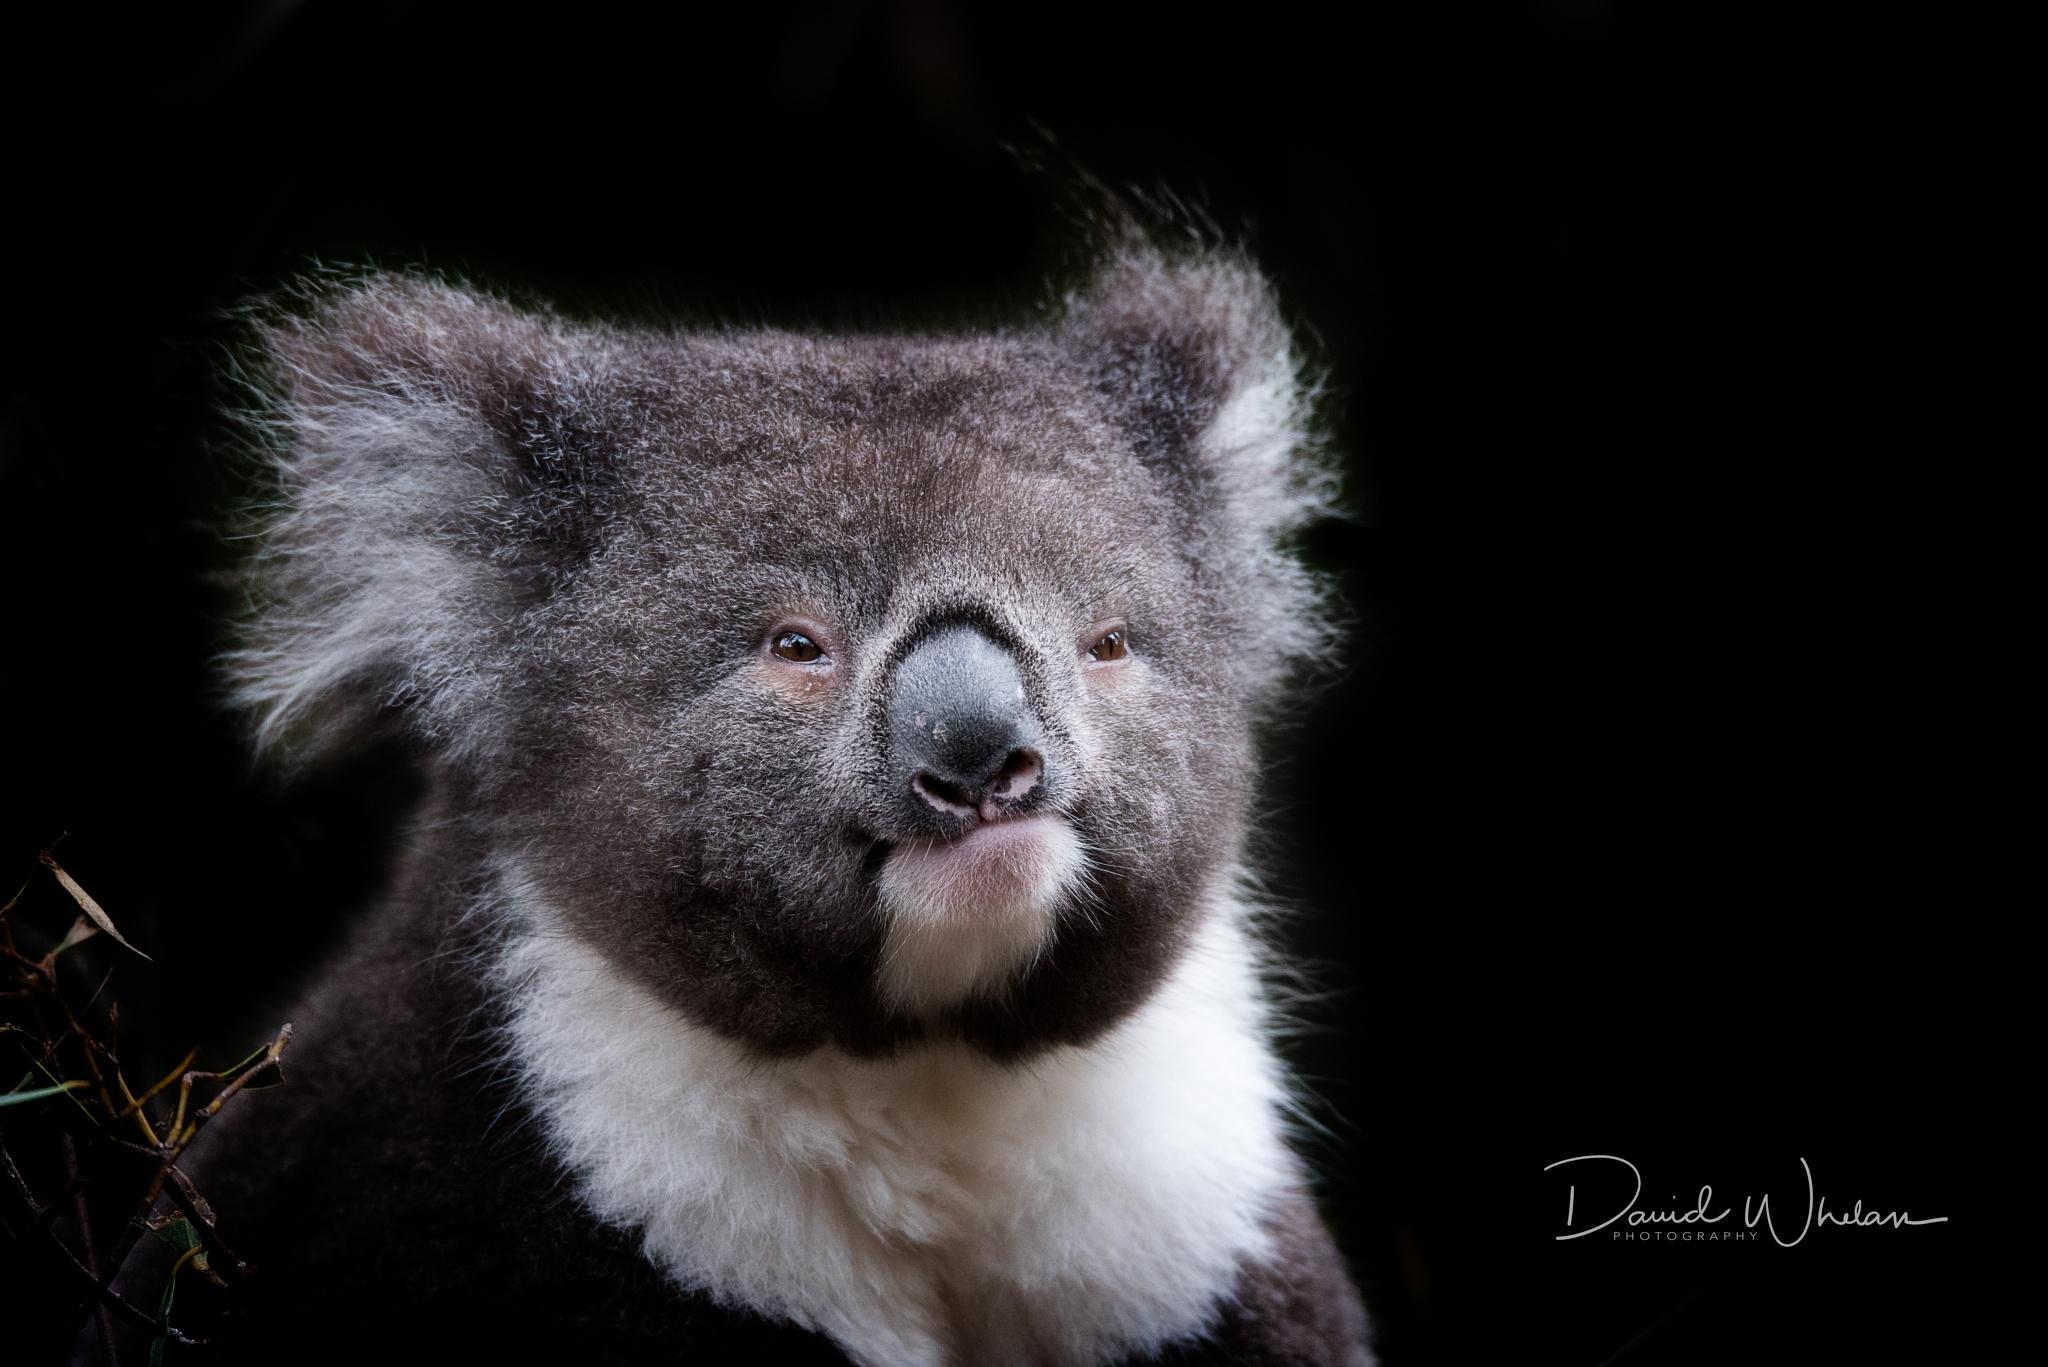 Koala by David Whelan